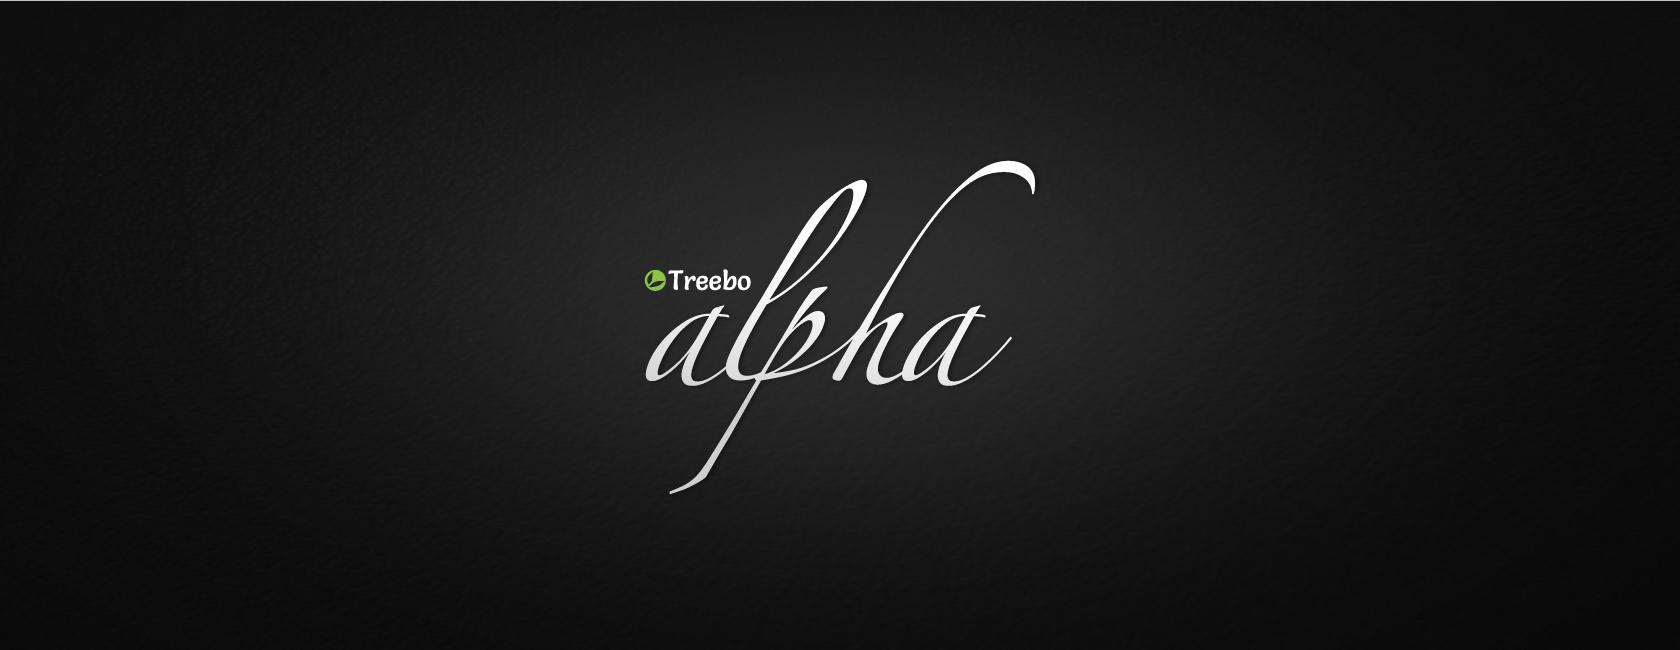 treebo-alpha1